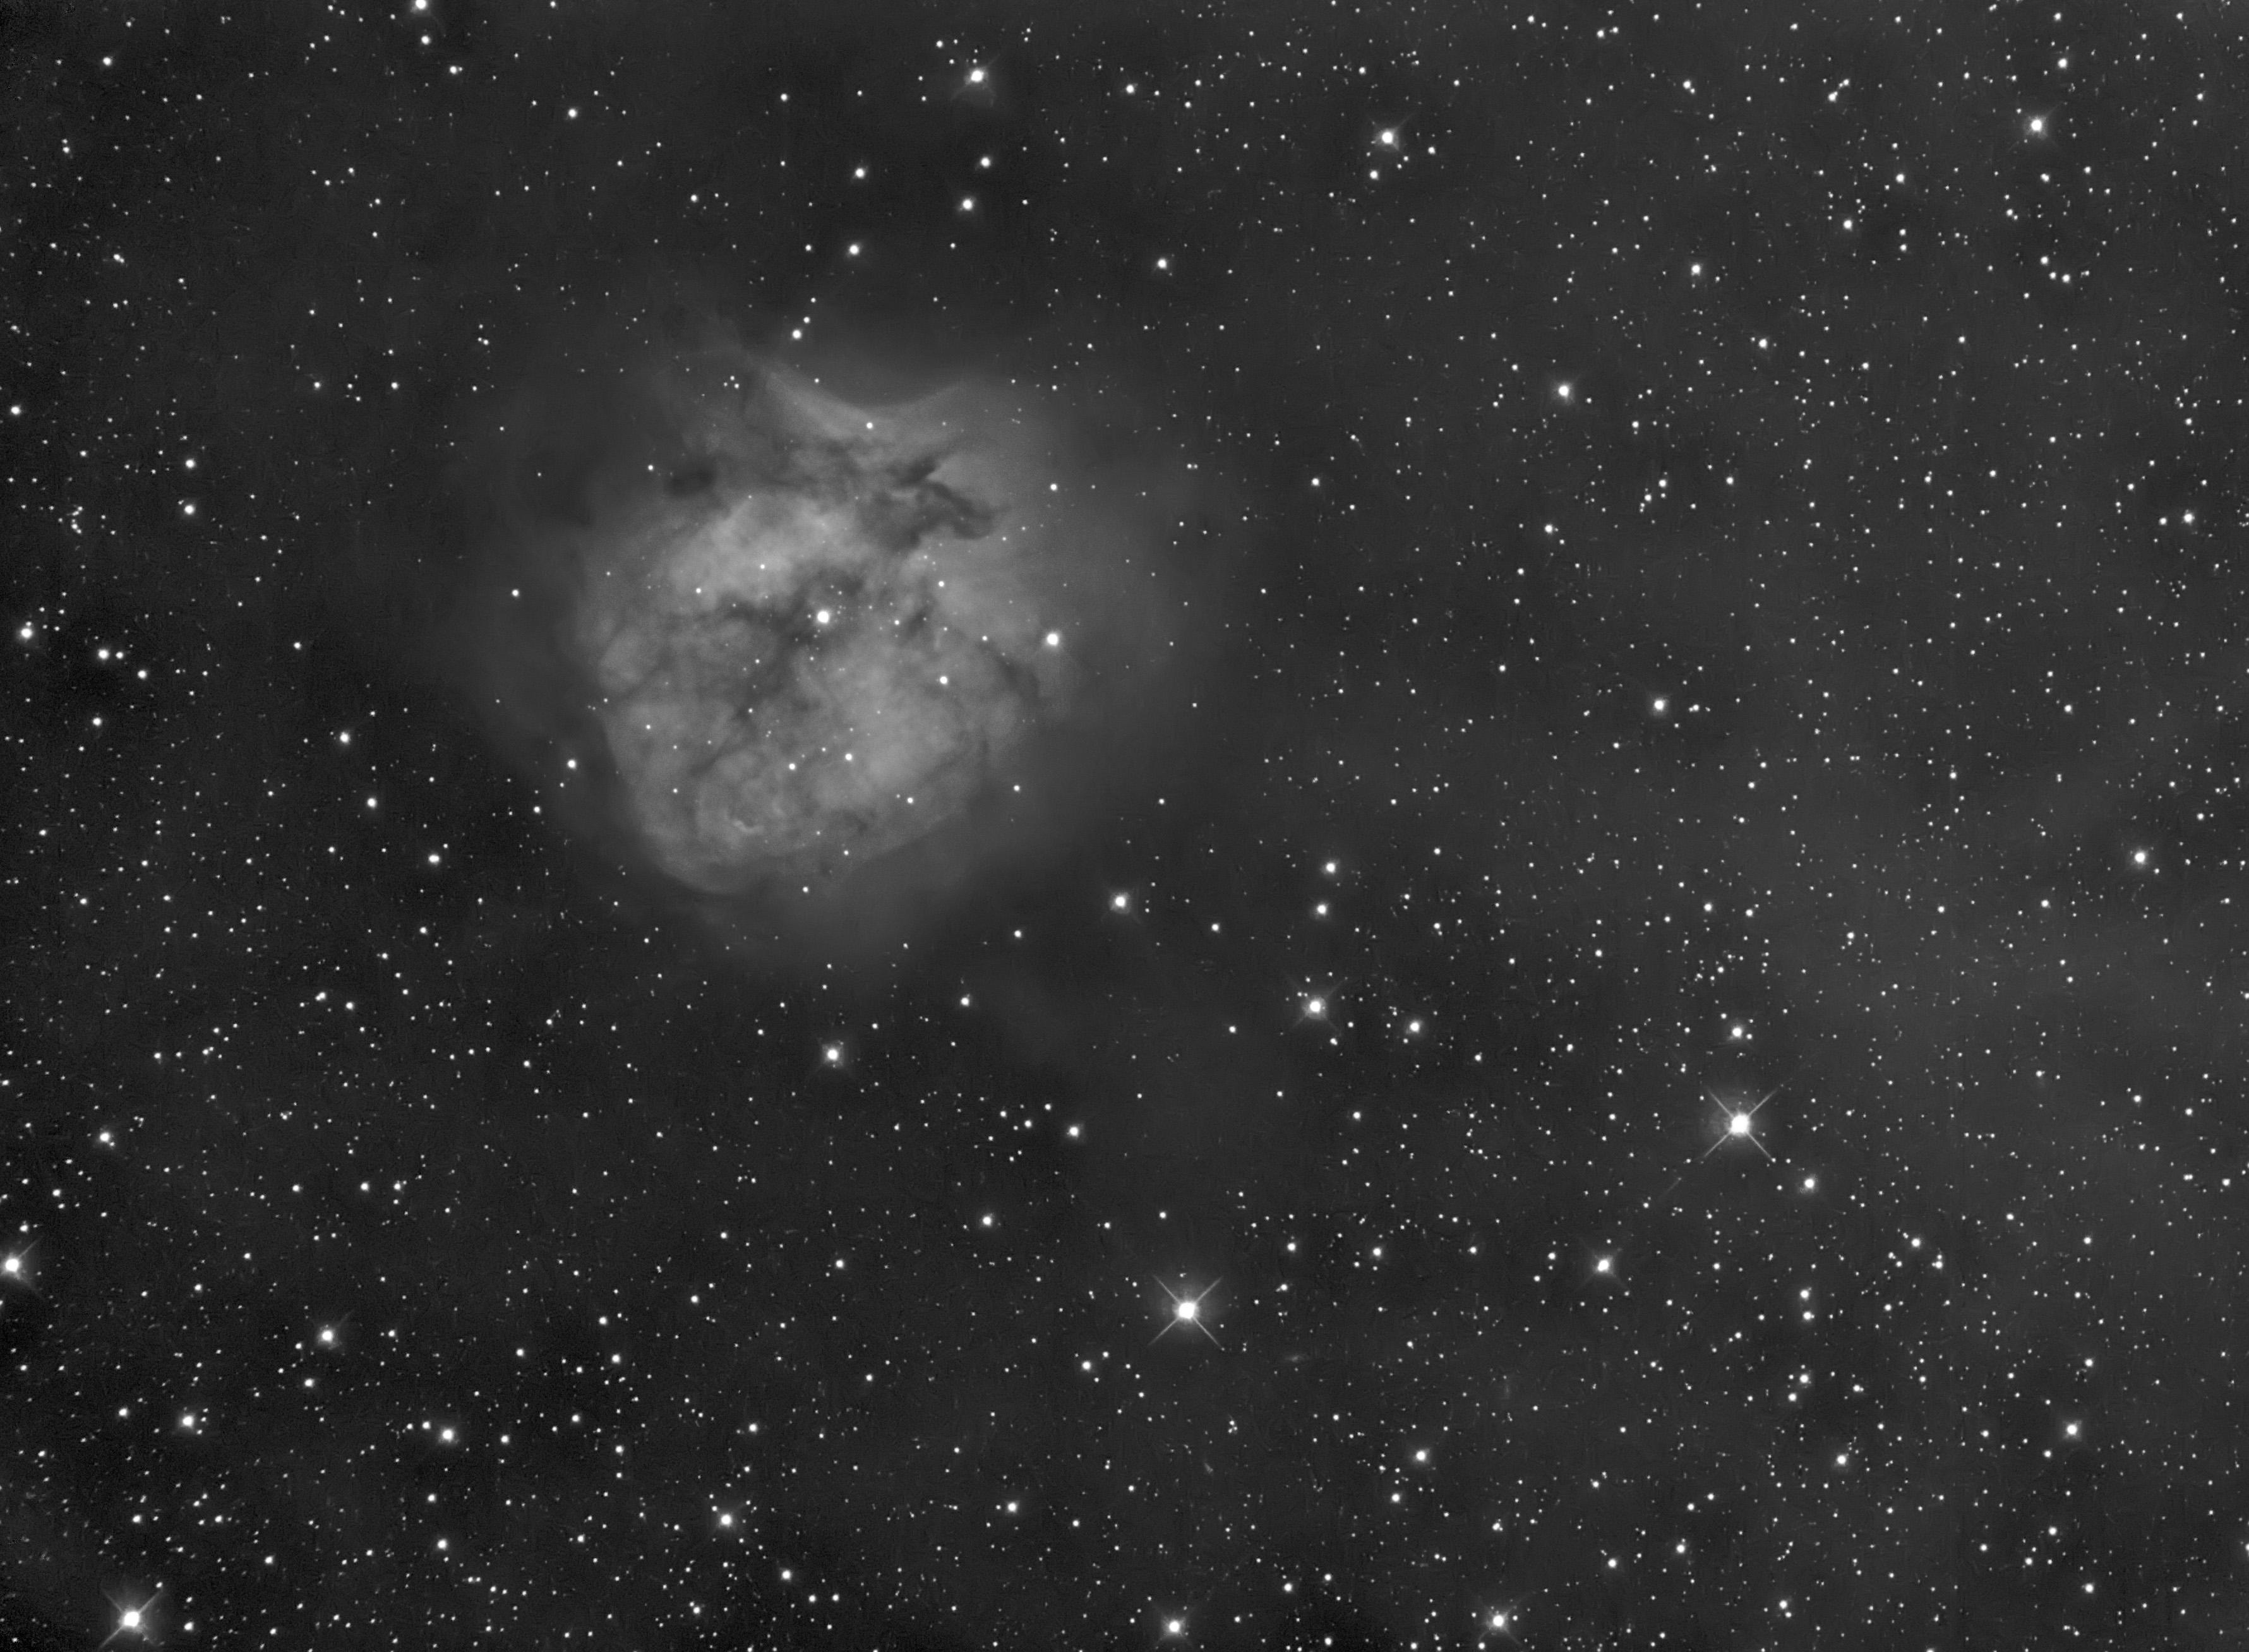 IC5146-Ha-17x30_RCSTL_0813_tftc_full_2Mo